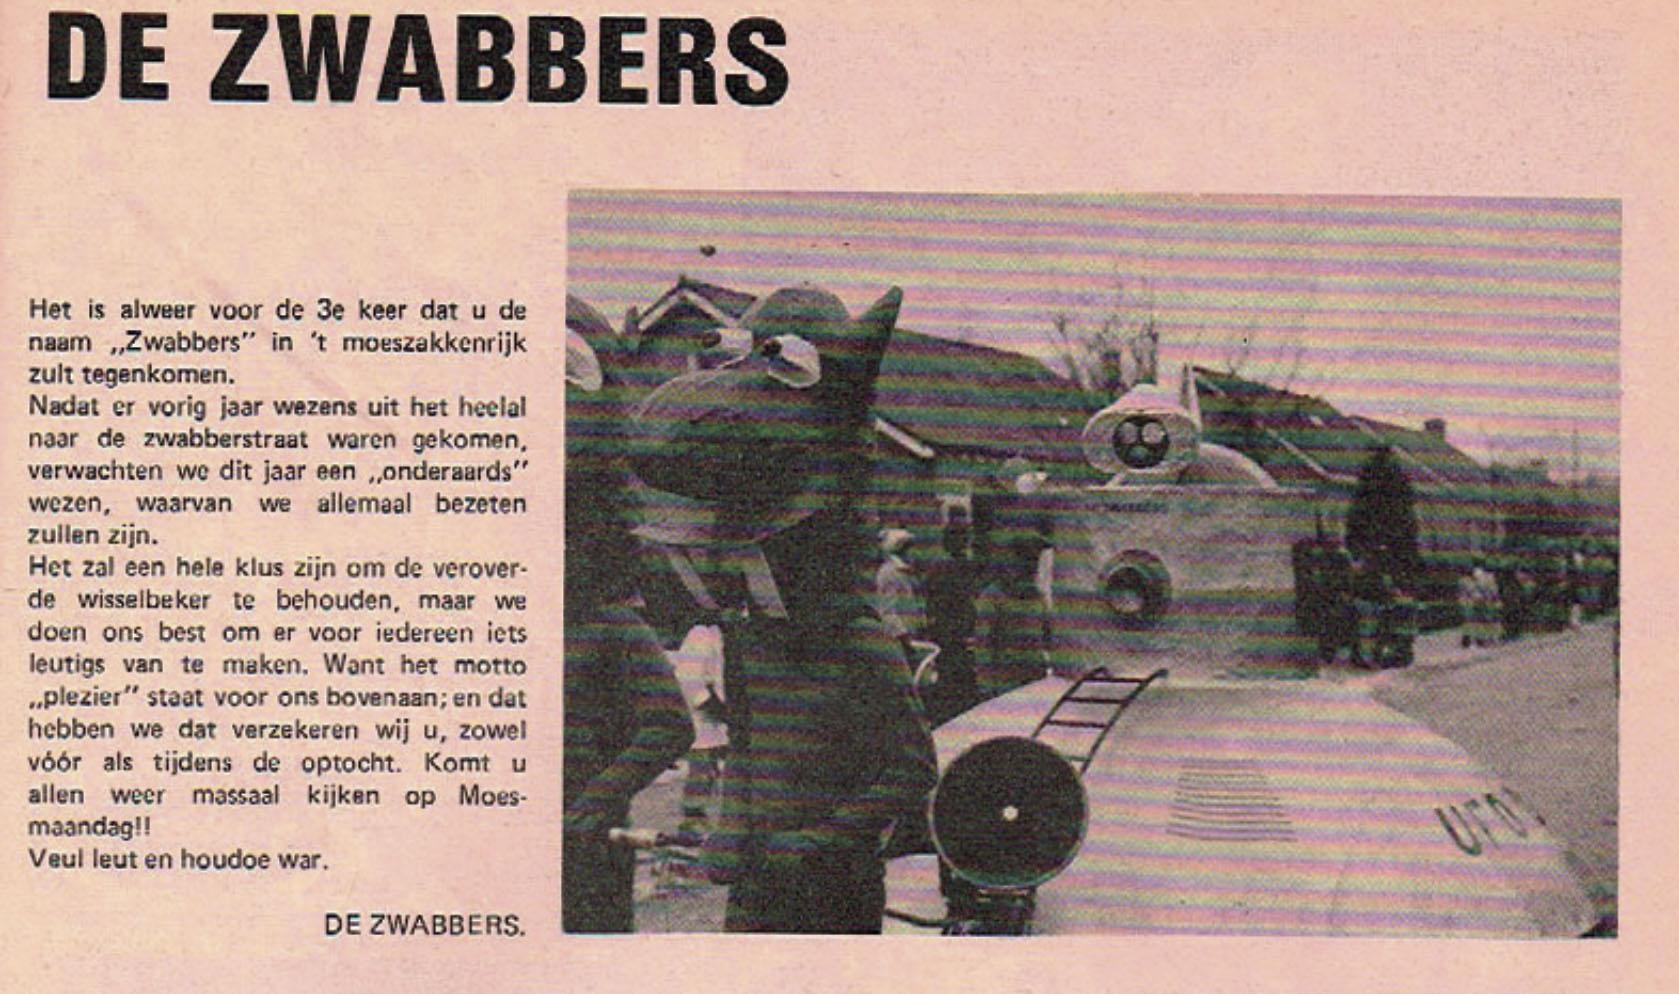 Stukje uit de carnavalskrant van de De Zwabbers - 1980